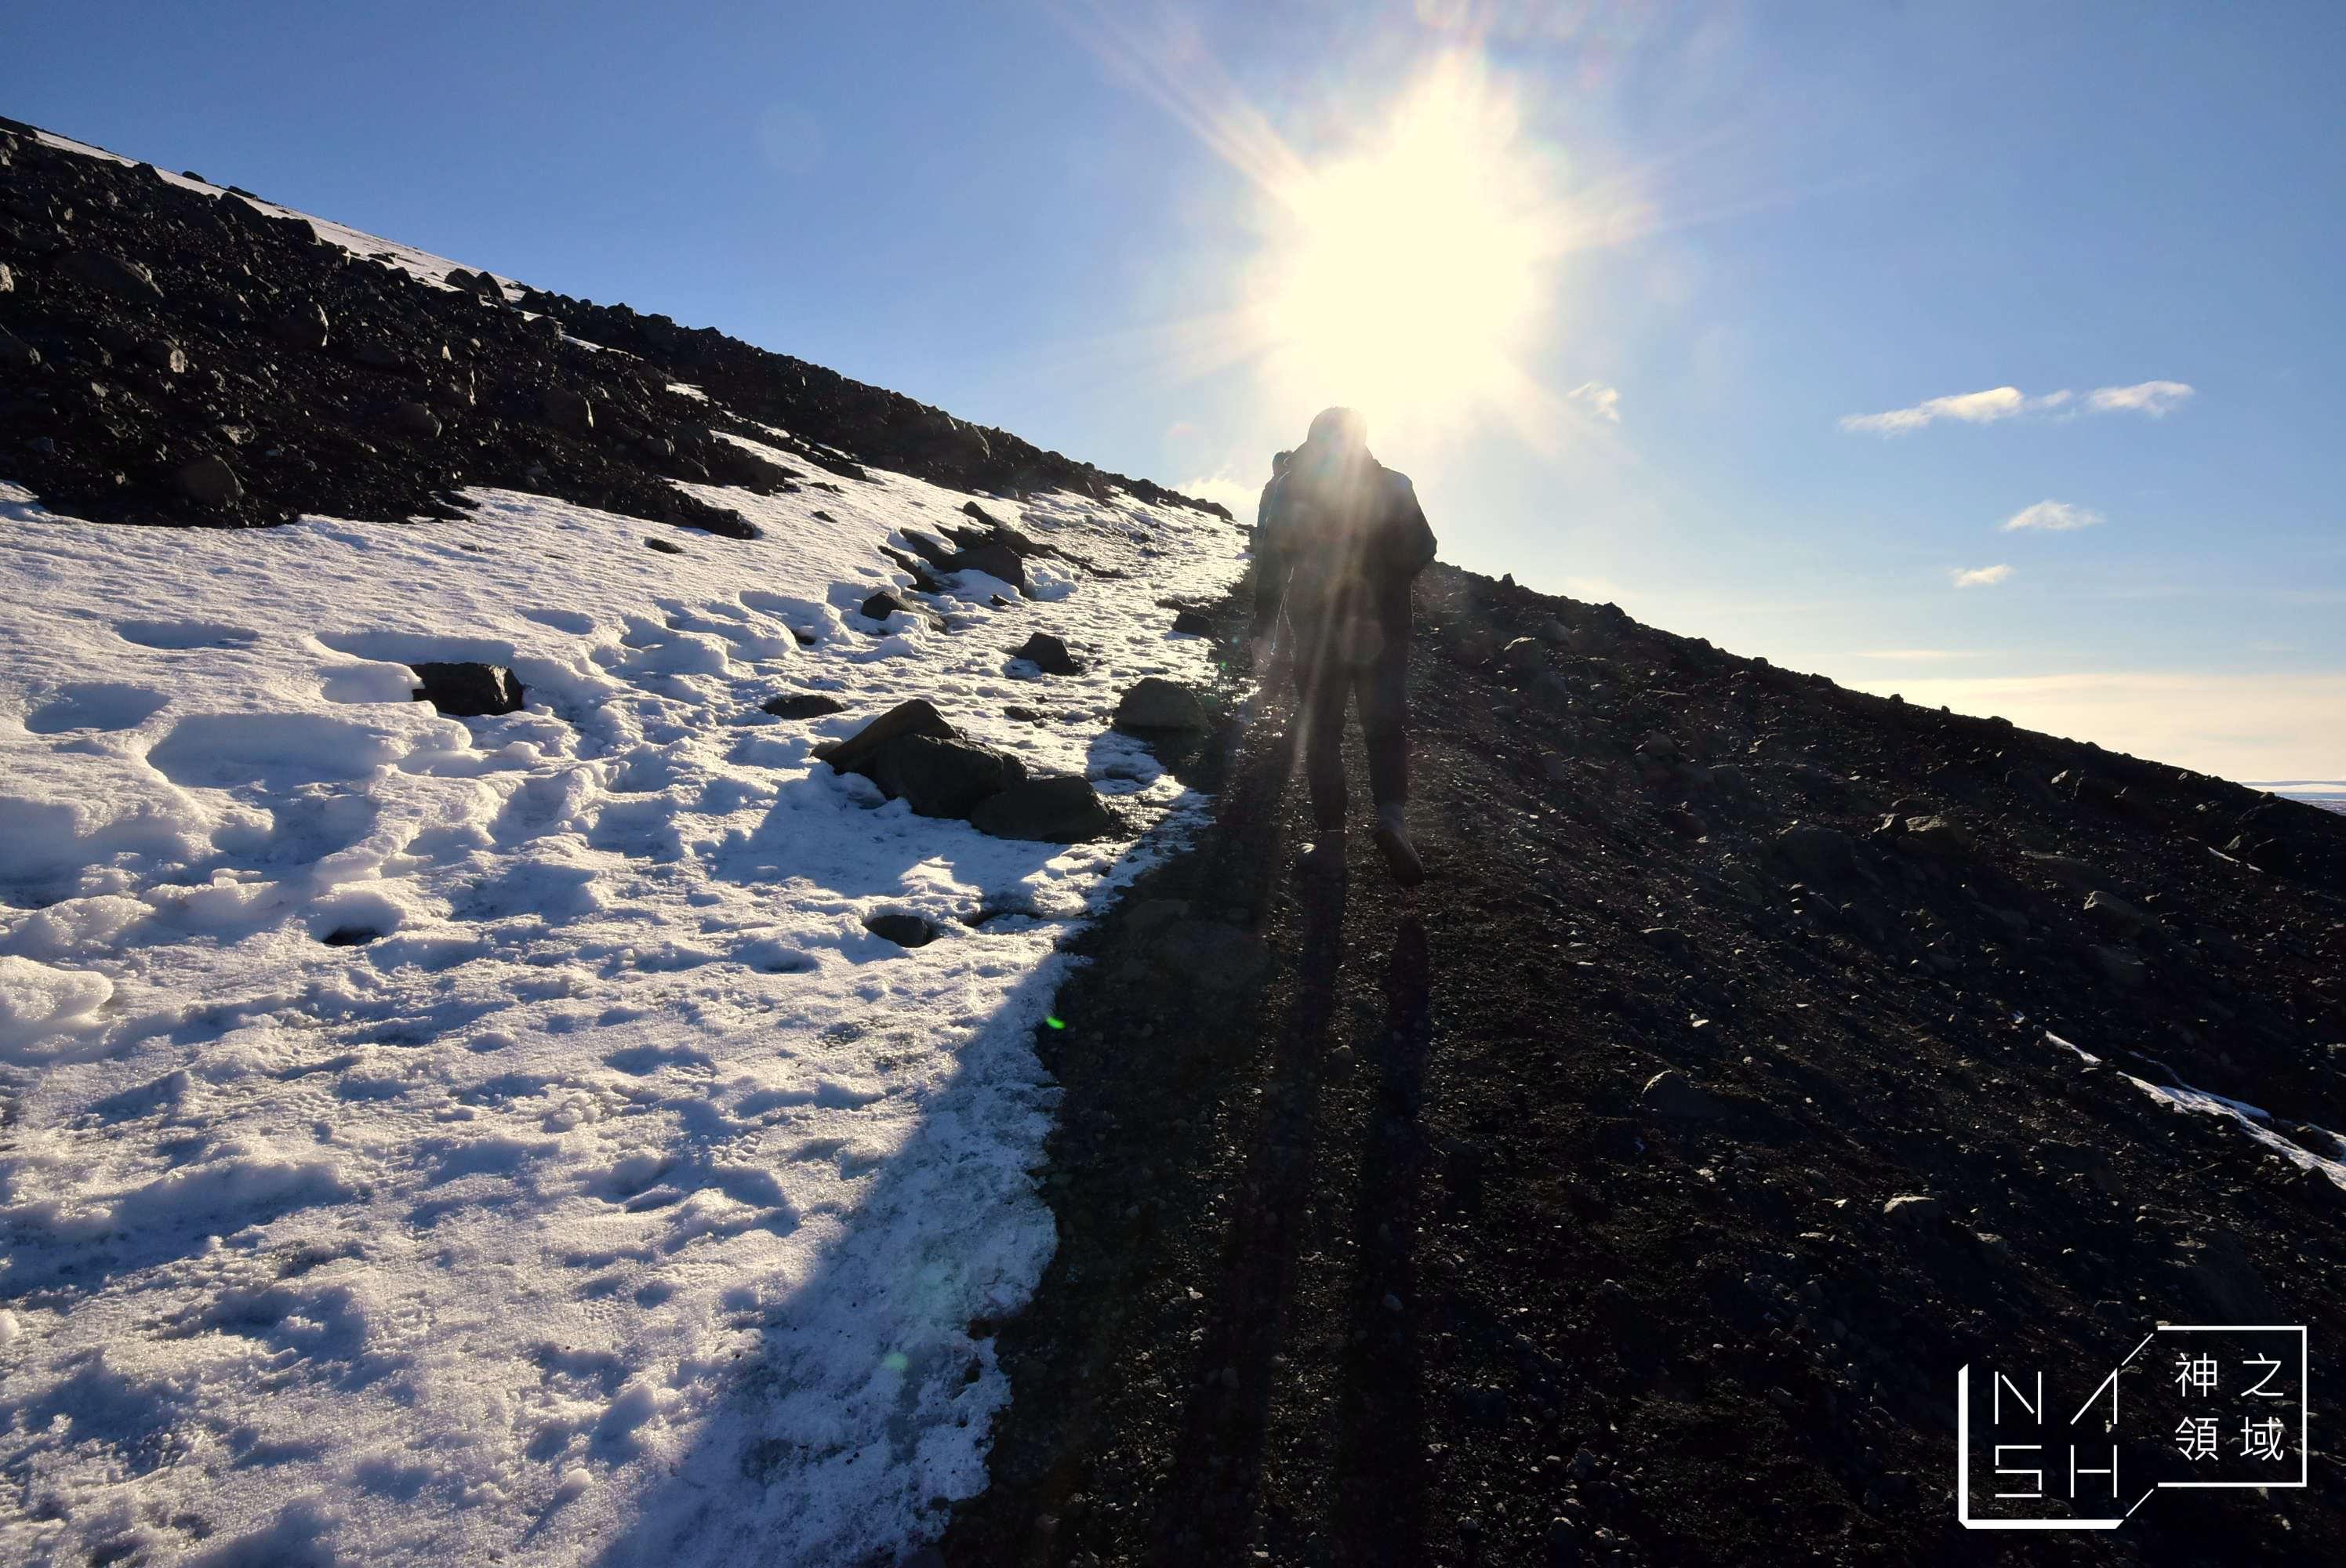 冰島米湖景點推薦